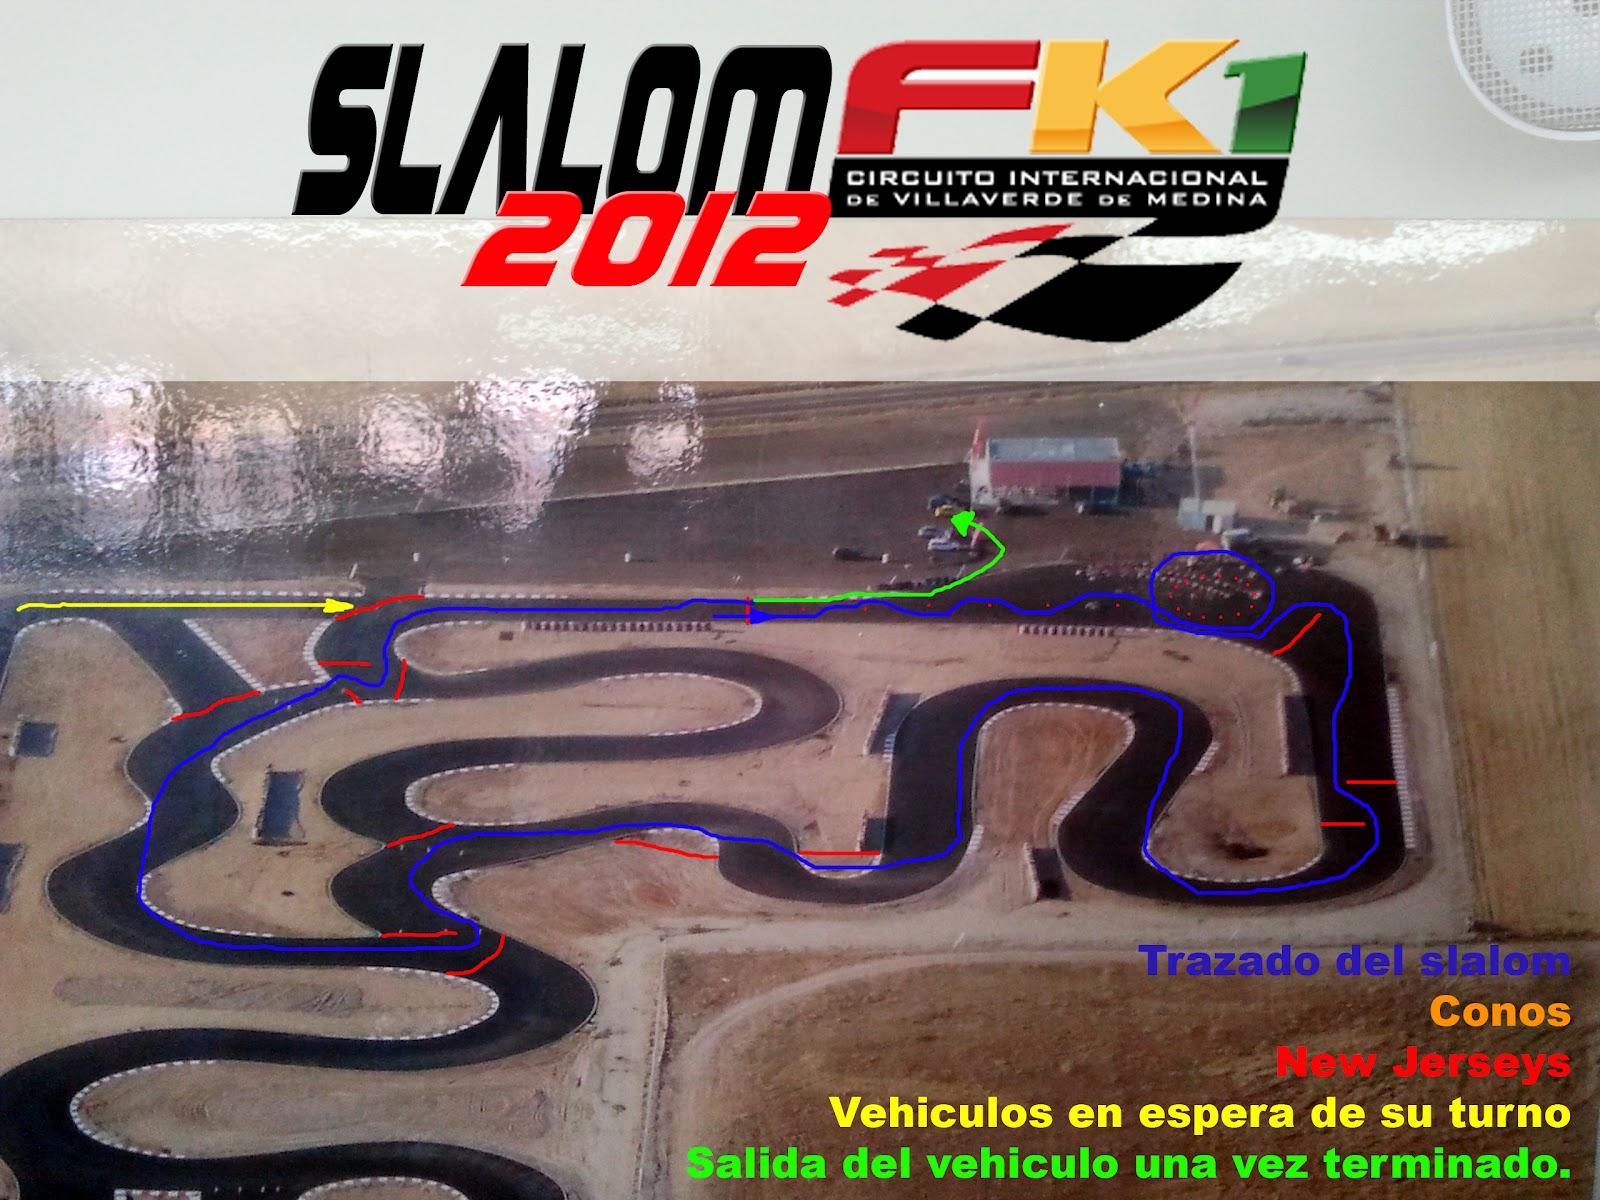 Circuito Fk1 : Alquiler fk1: aniversario circuito fk1 y tandas libres nocturnas